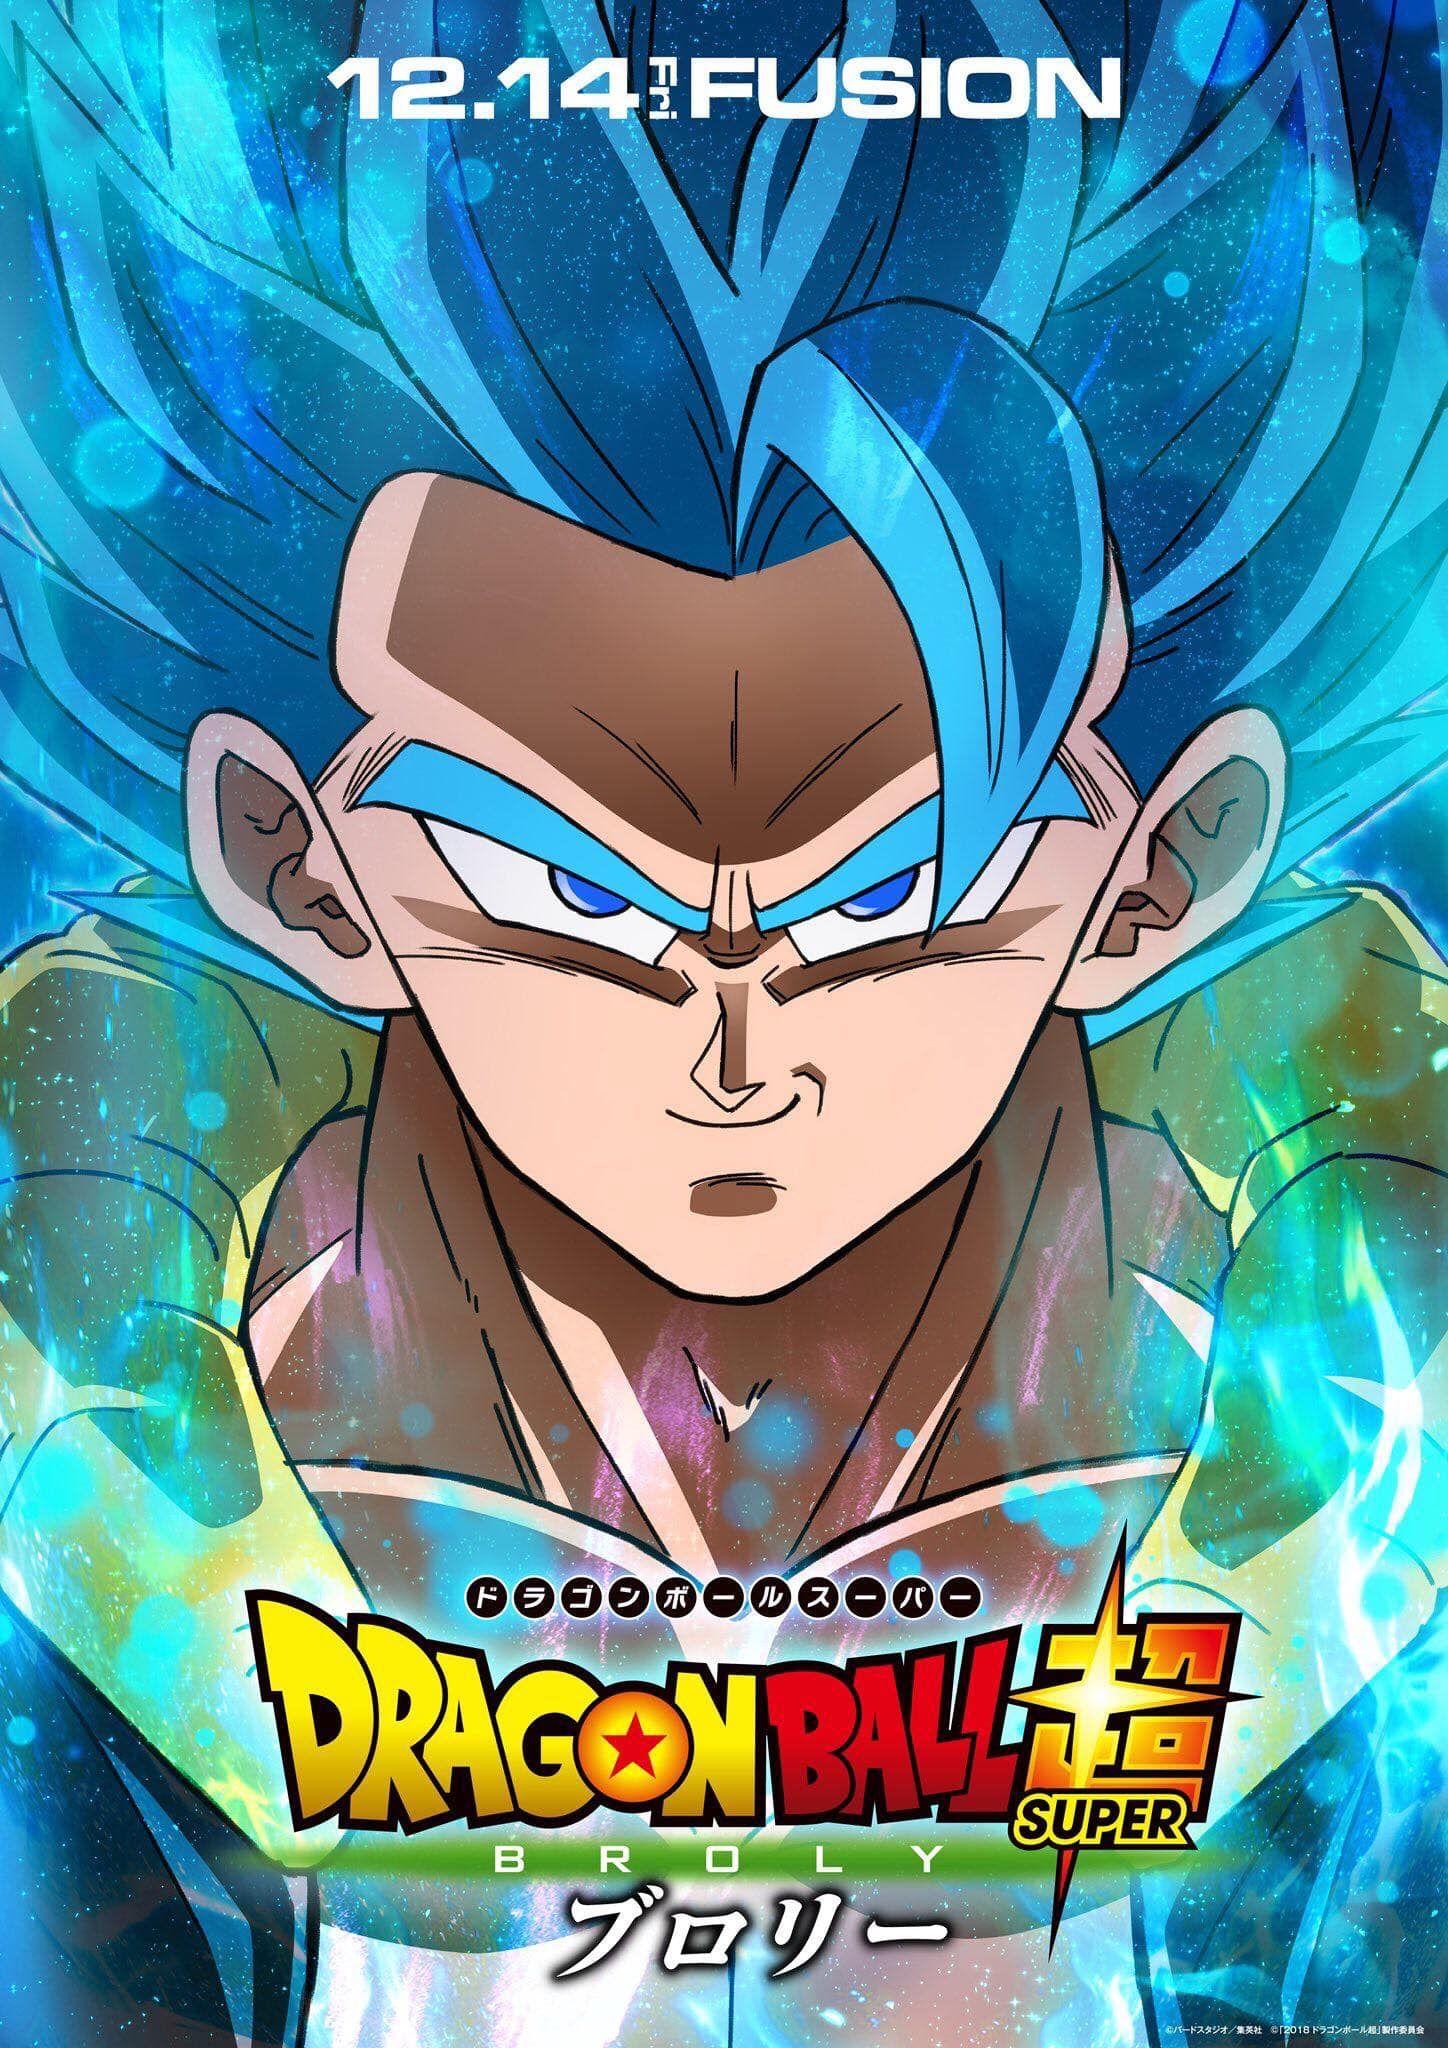 Video Desenhe Seus Personagens Favoritos Dragon Ball Dragon